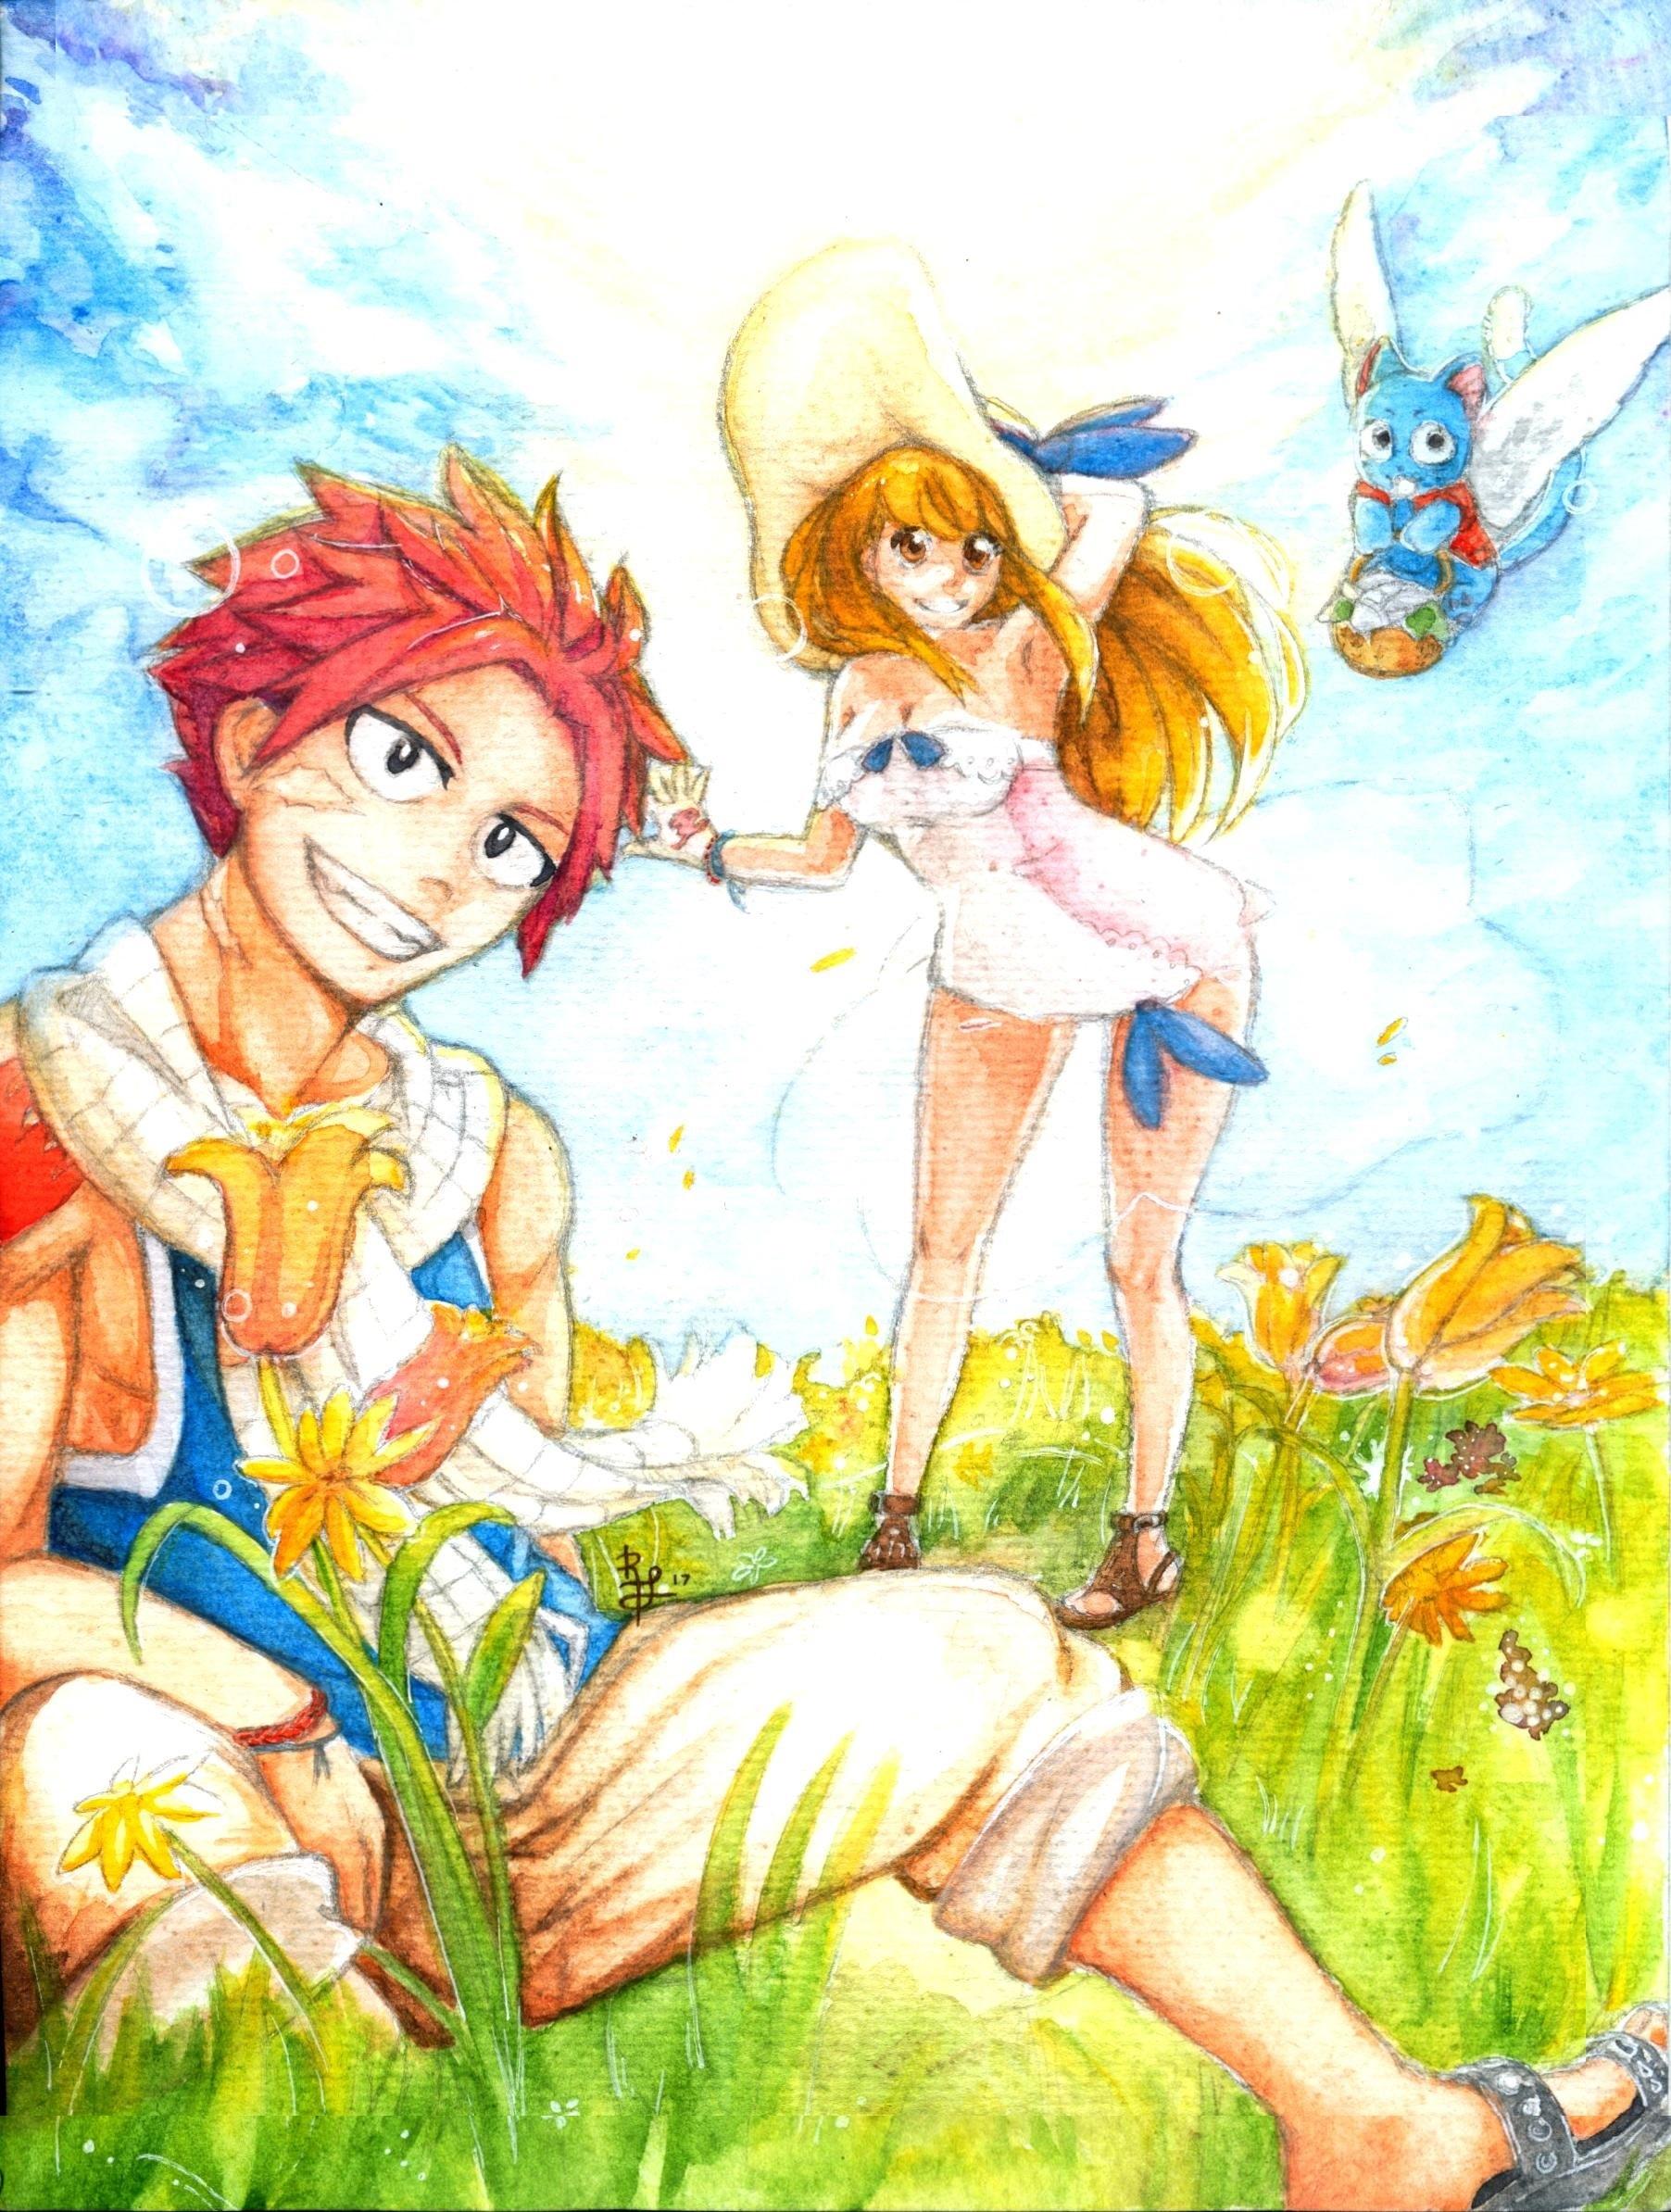 Fairy Tail Summer by khkairi12